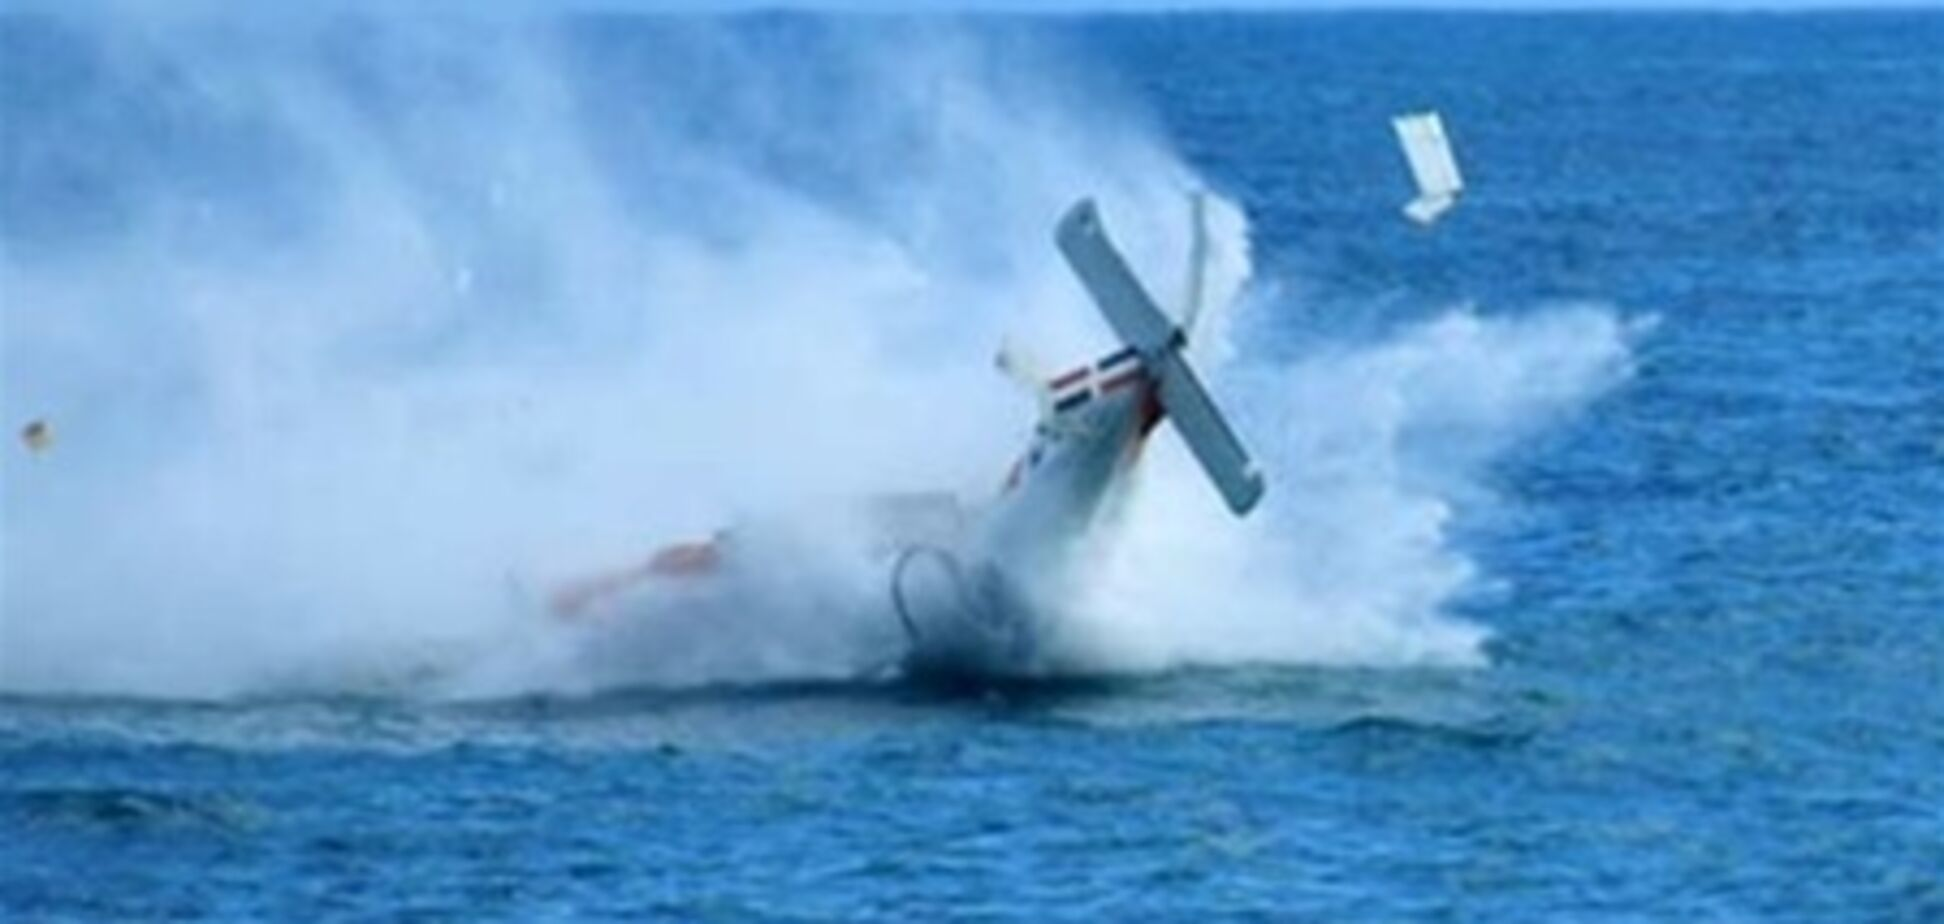 Самолет ВМС Китая рухнул в море во время тренировки